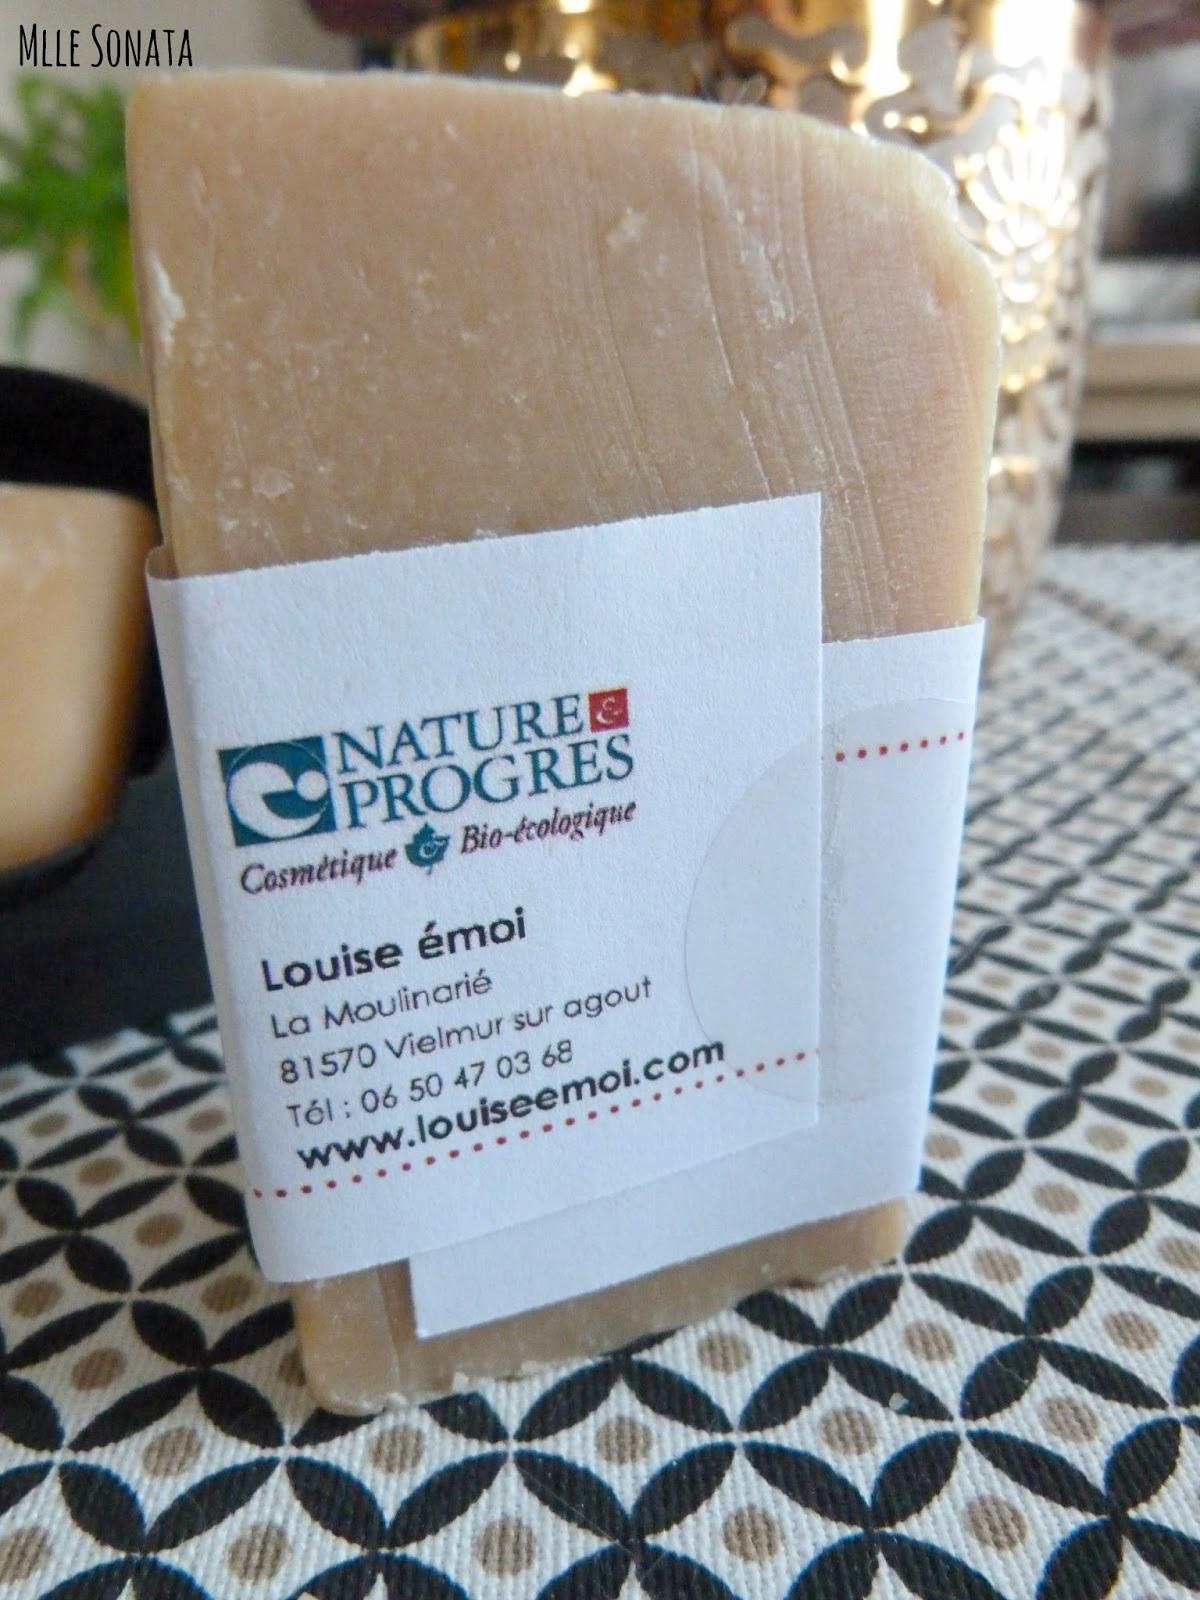 Certification du savon saponifié à froid de Louise Emoi